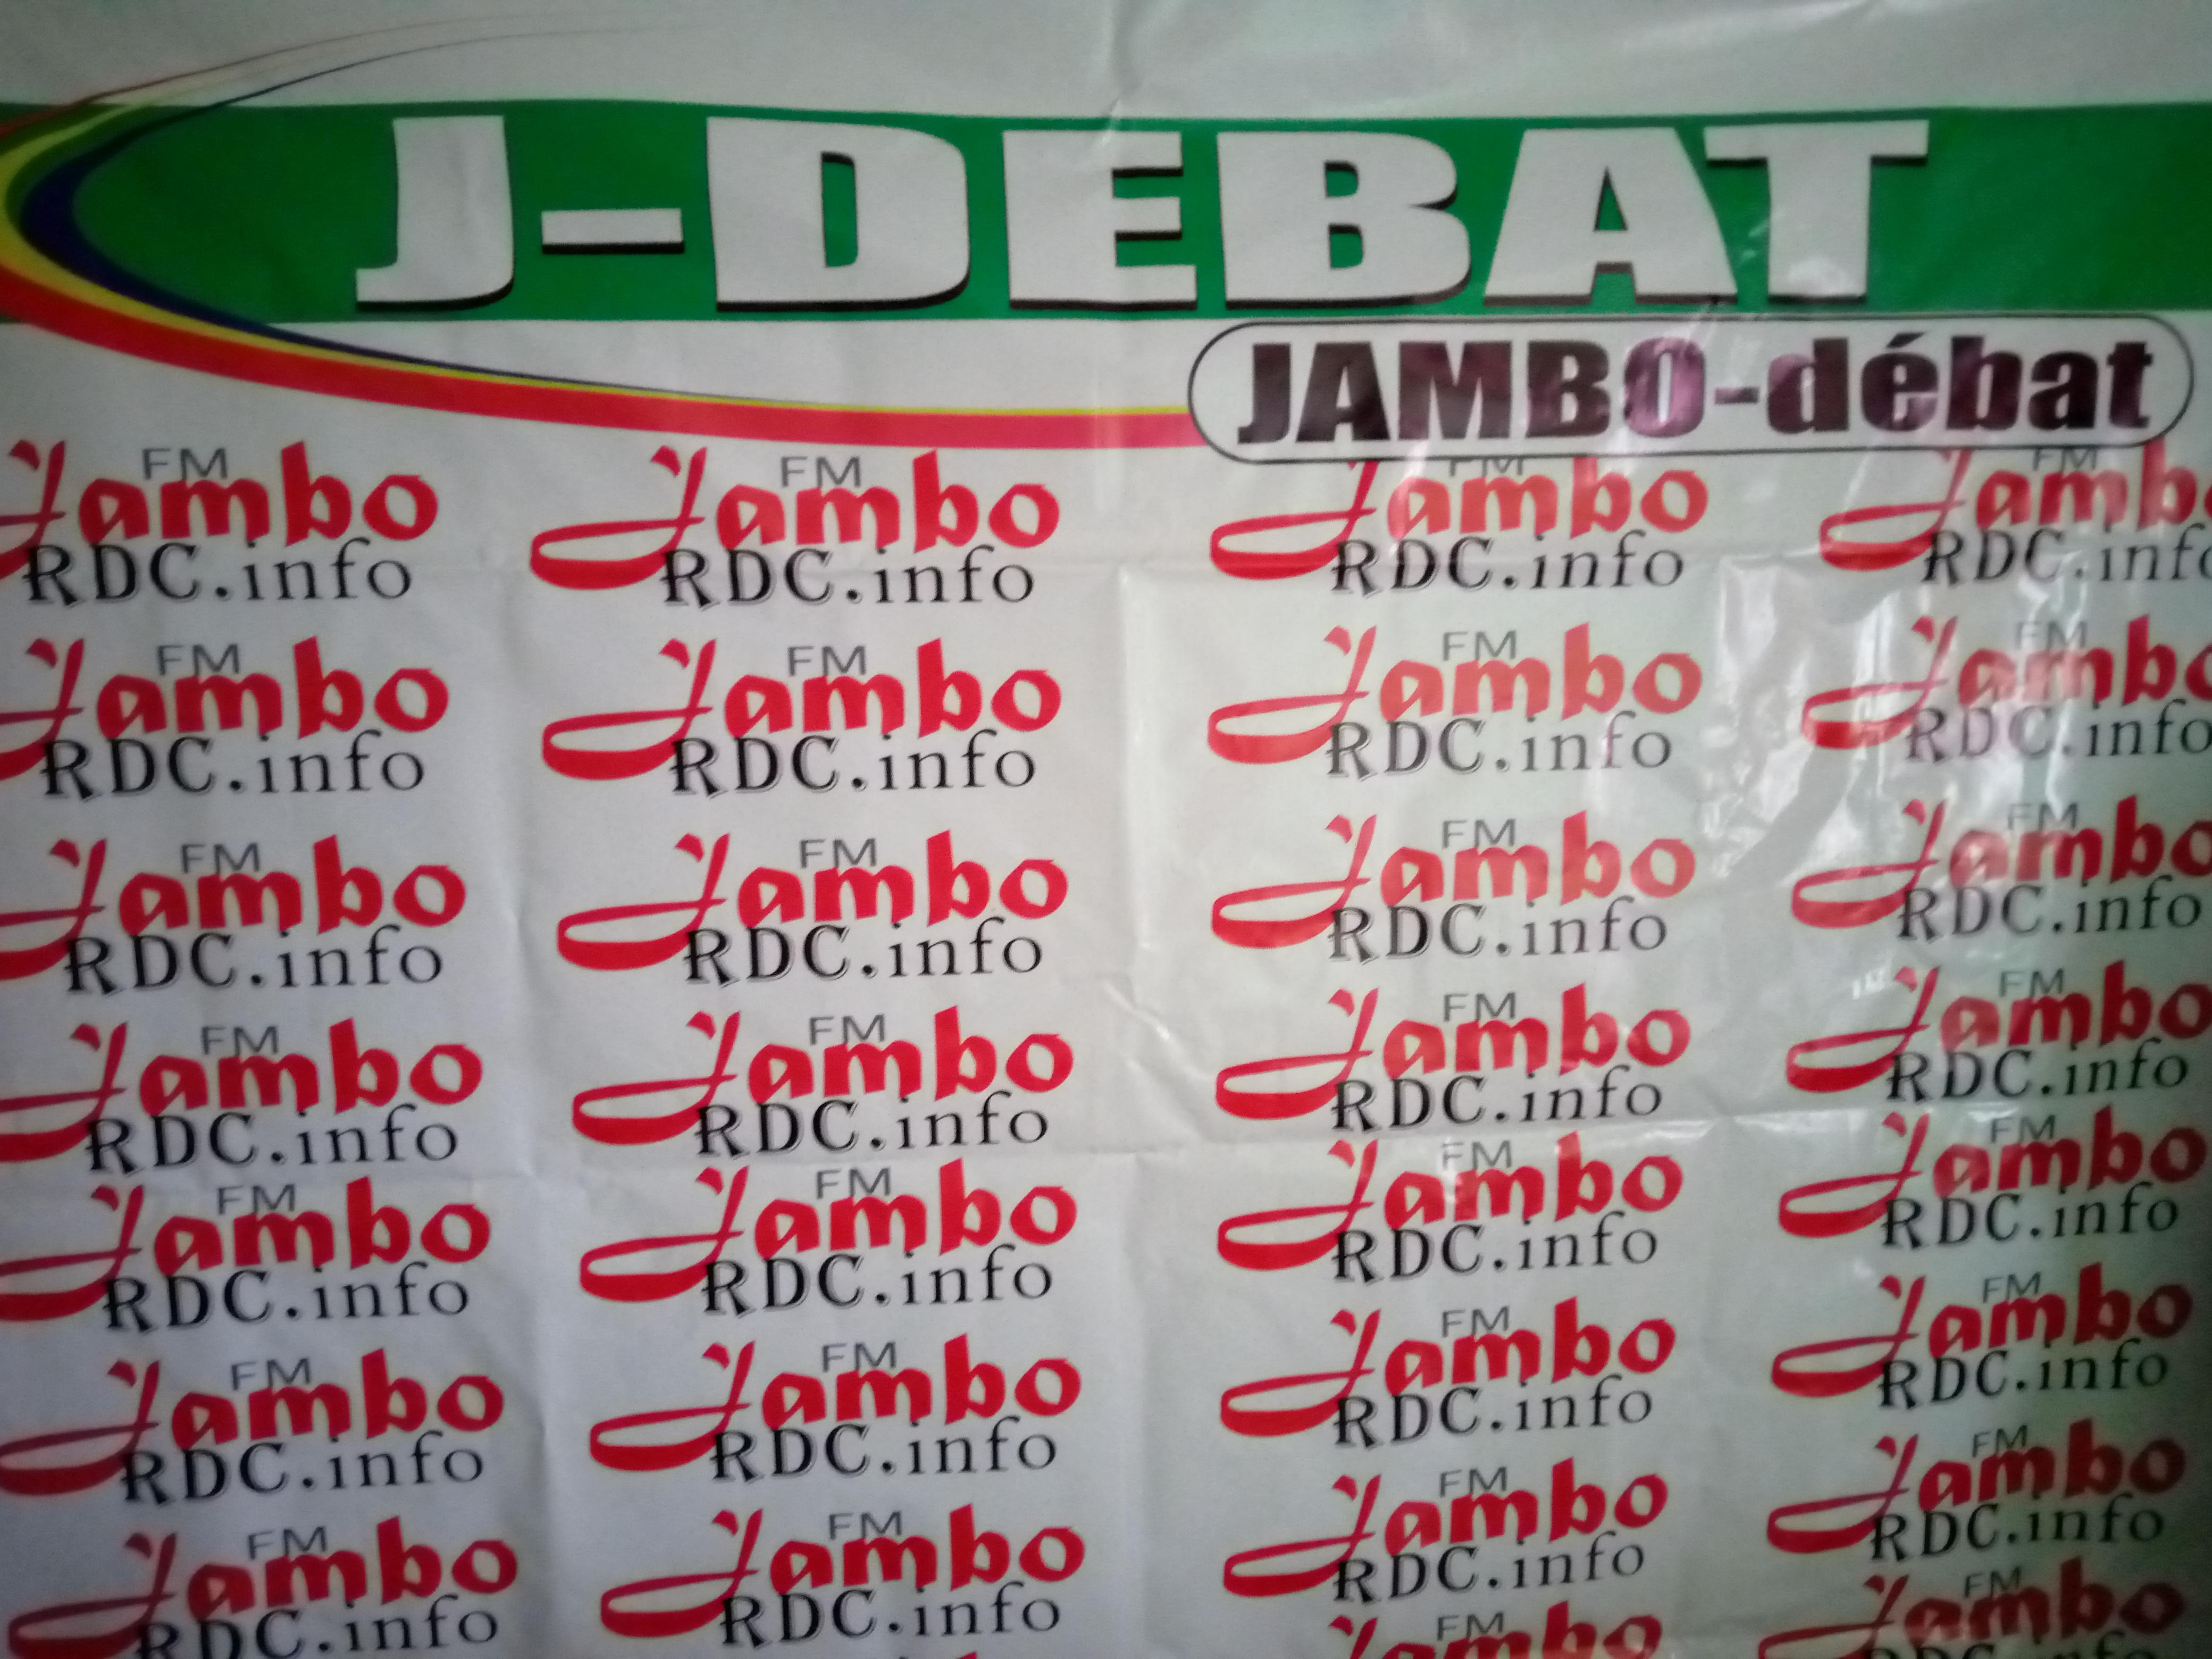 Sud-Kivu : Jambordc.info annonce une émission de débat public ce vendredi 28 Juin à Bukavu